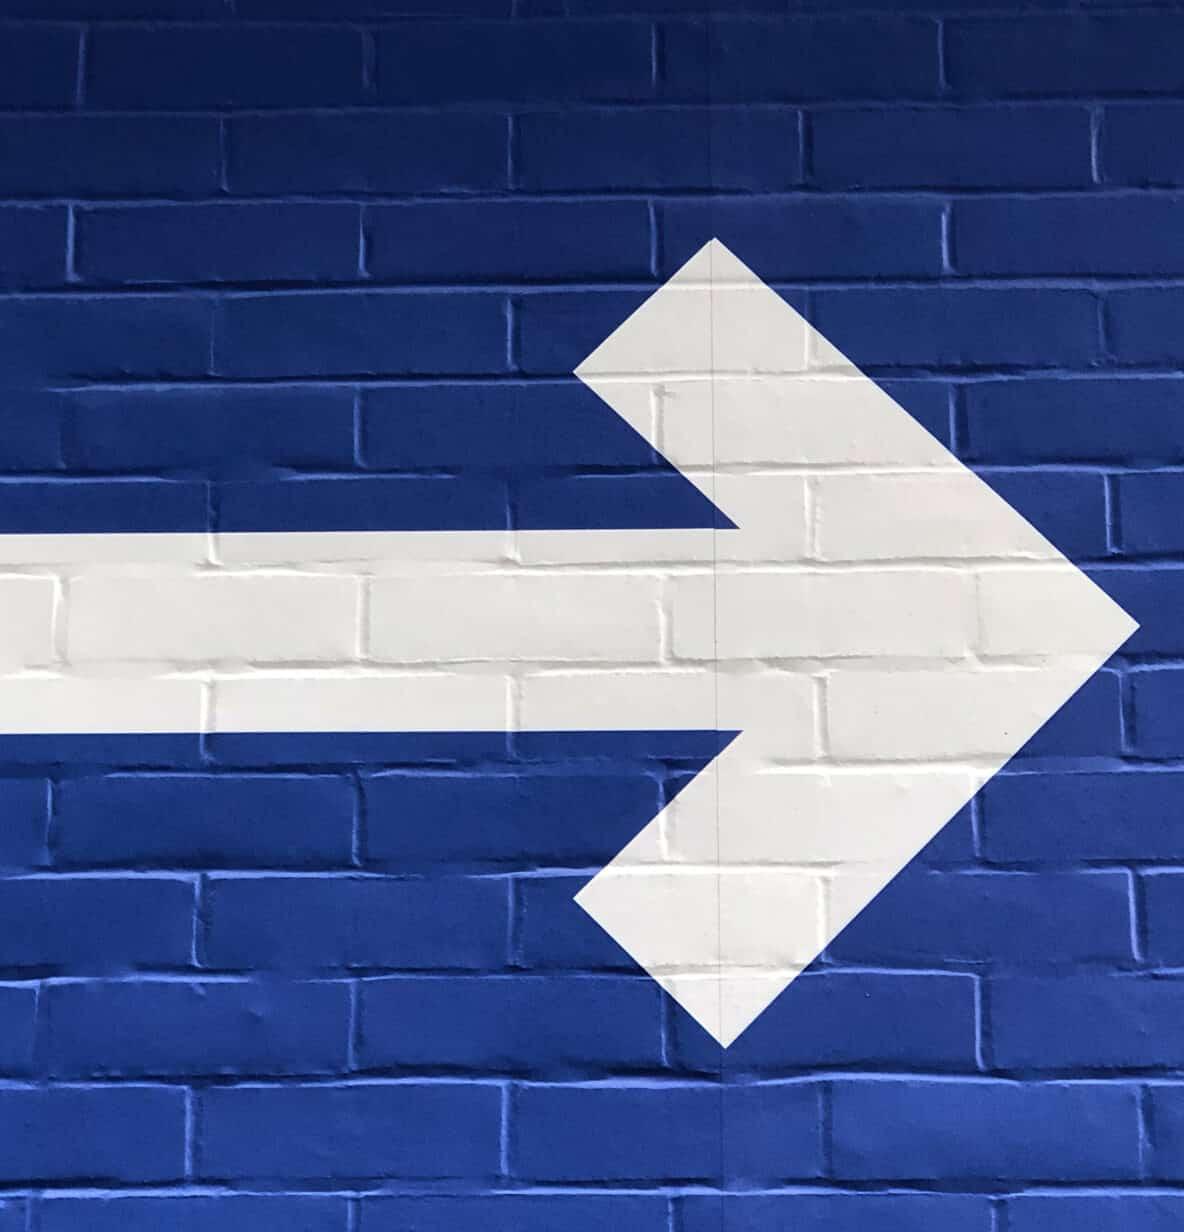 Arrow on wall